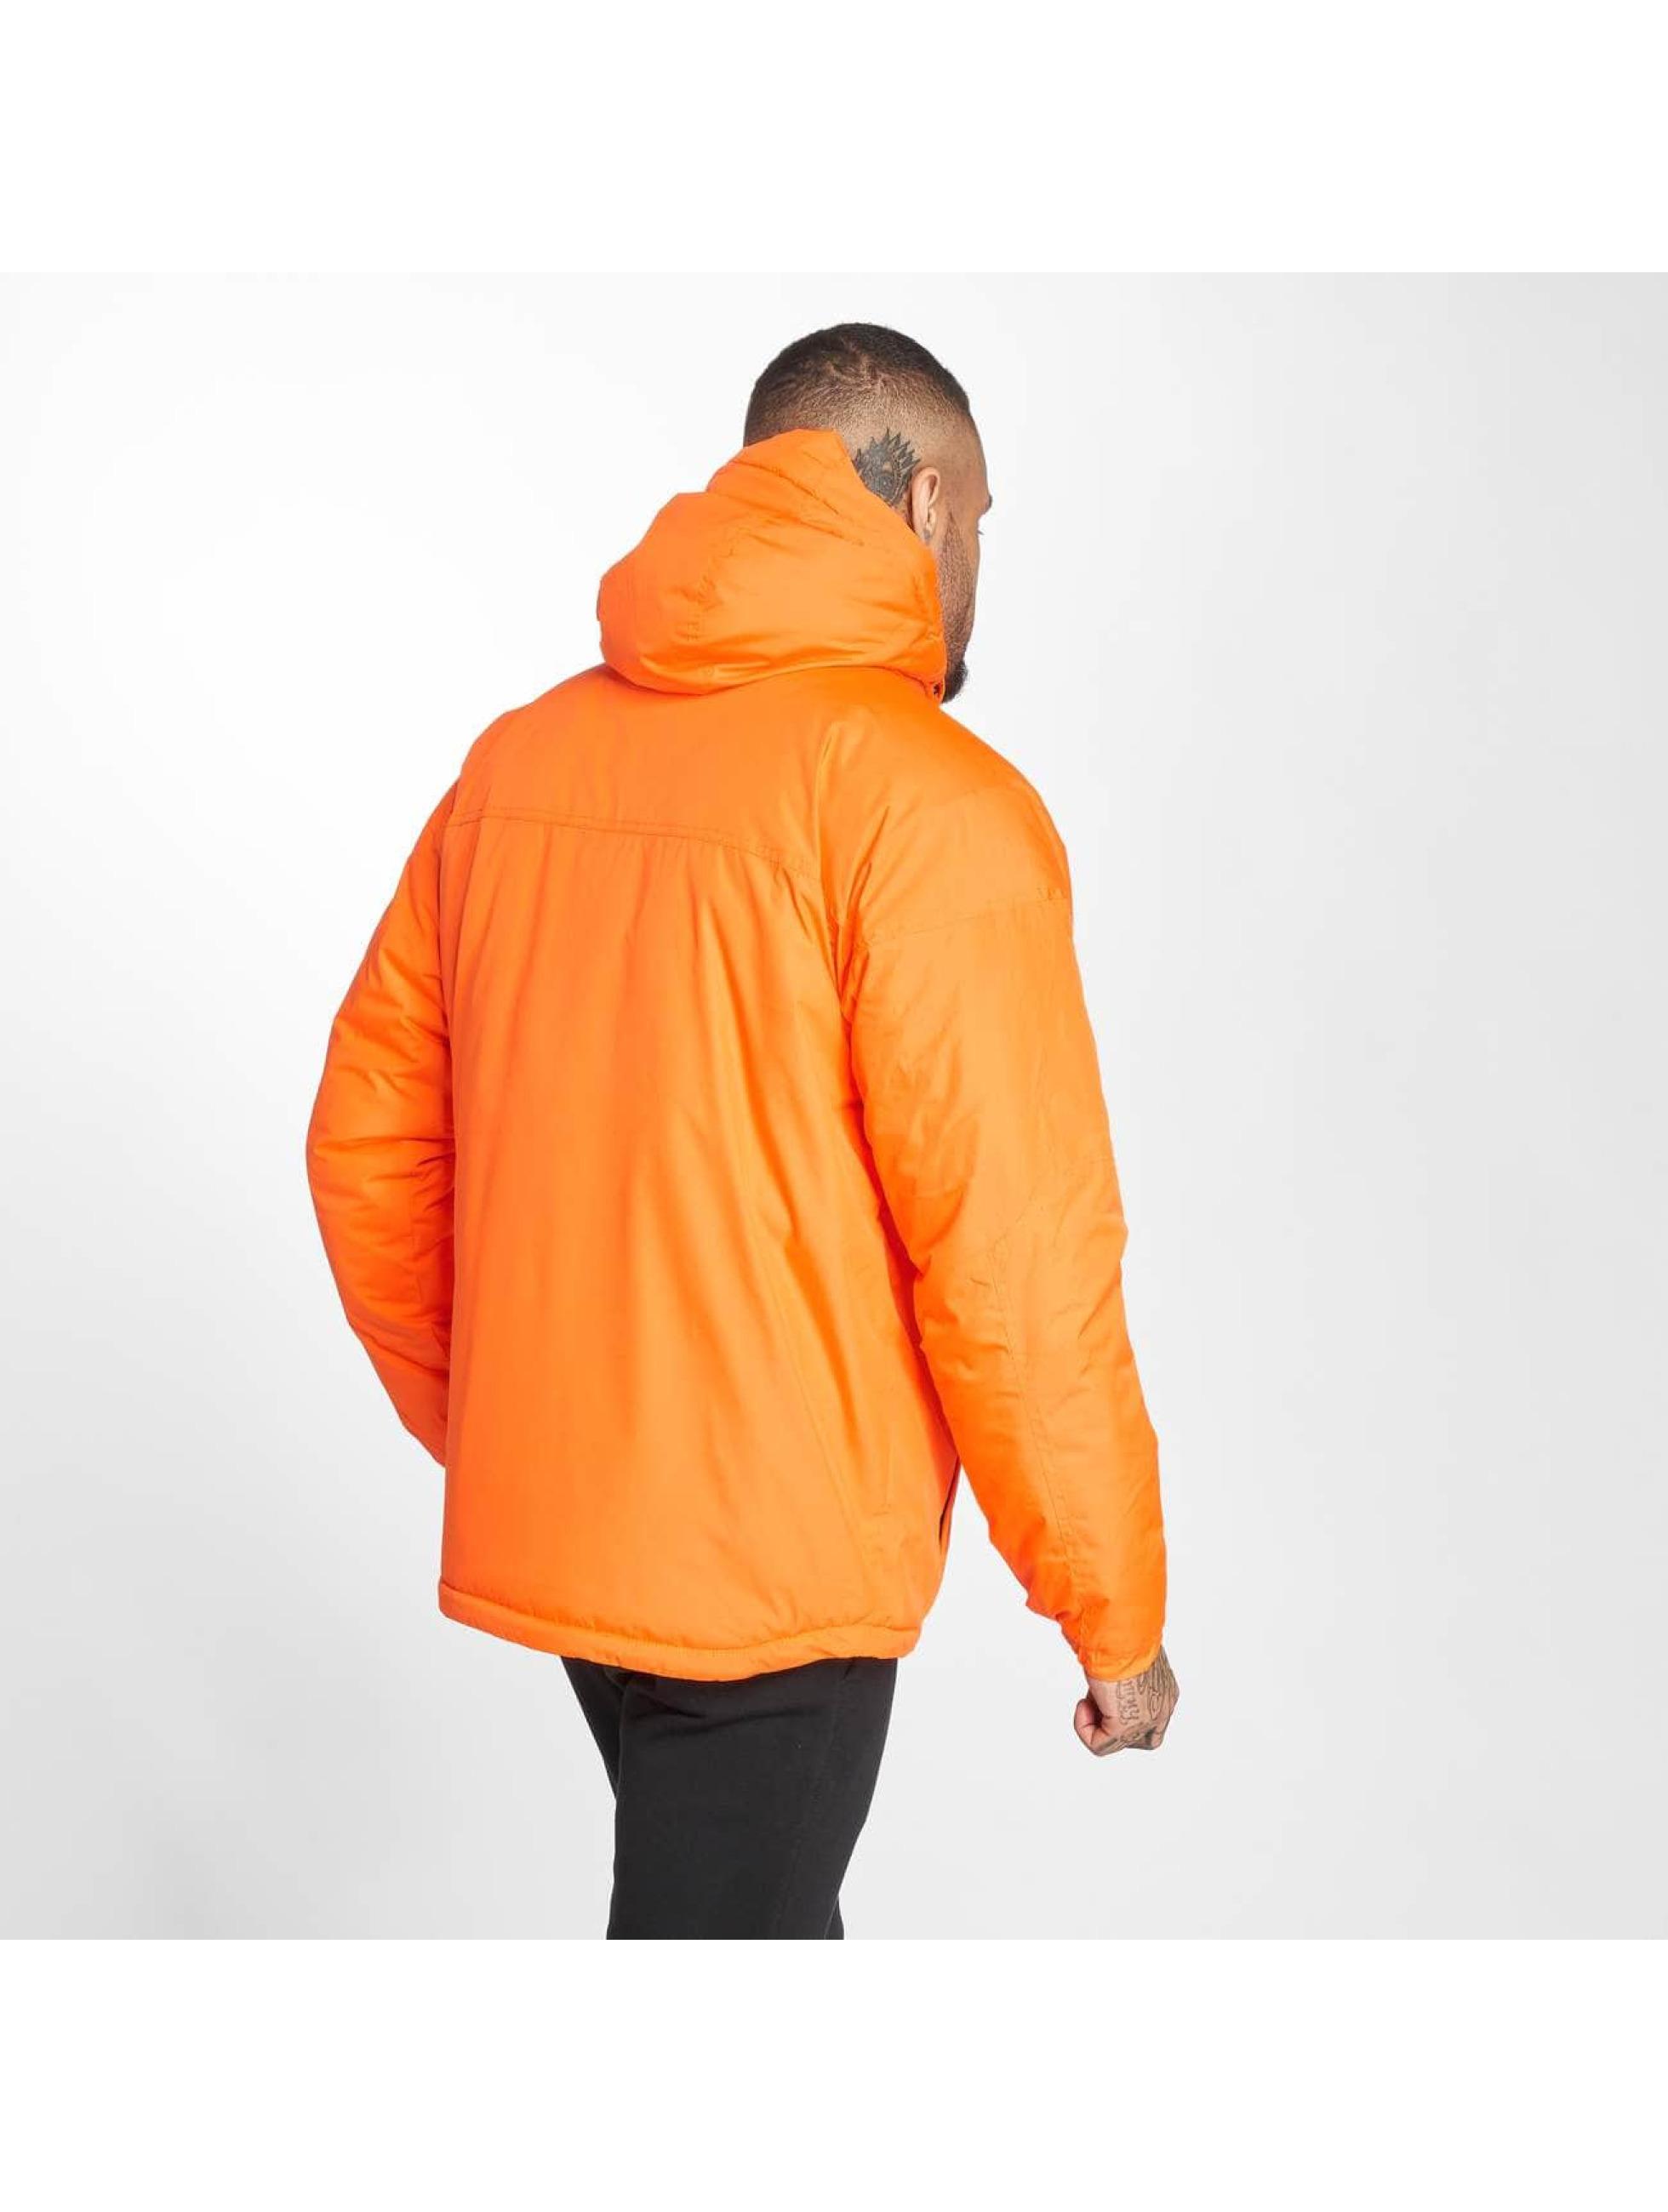 K1X Zimné bundy Urban MK4 oranžová